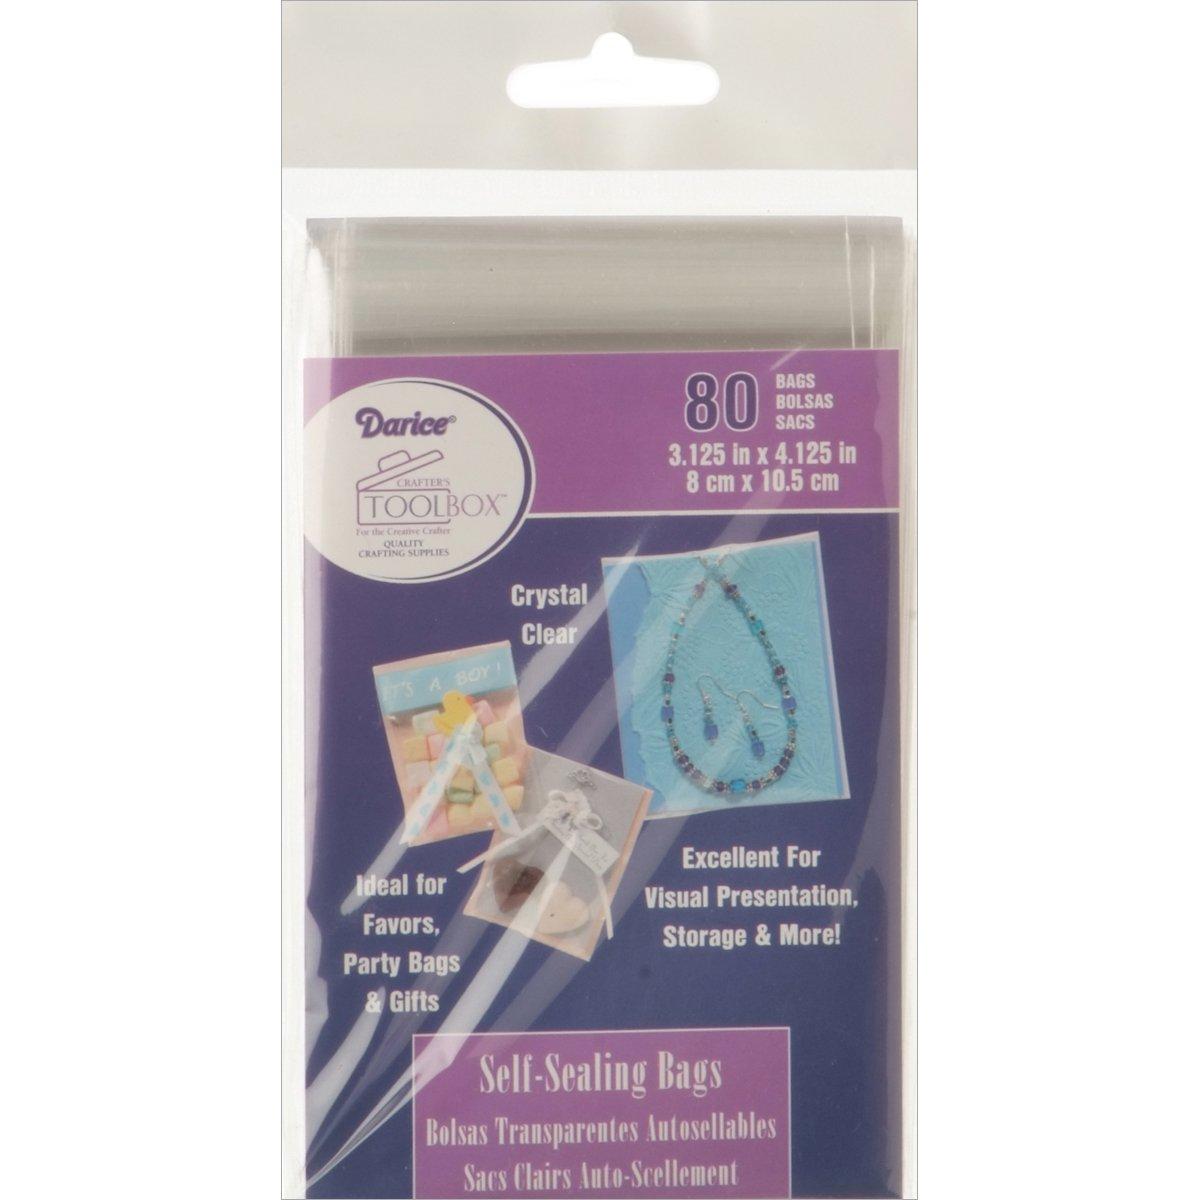 Darice Self-Sealing Bags 80/pkg-3.125'X4.125' Clear